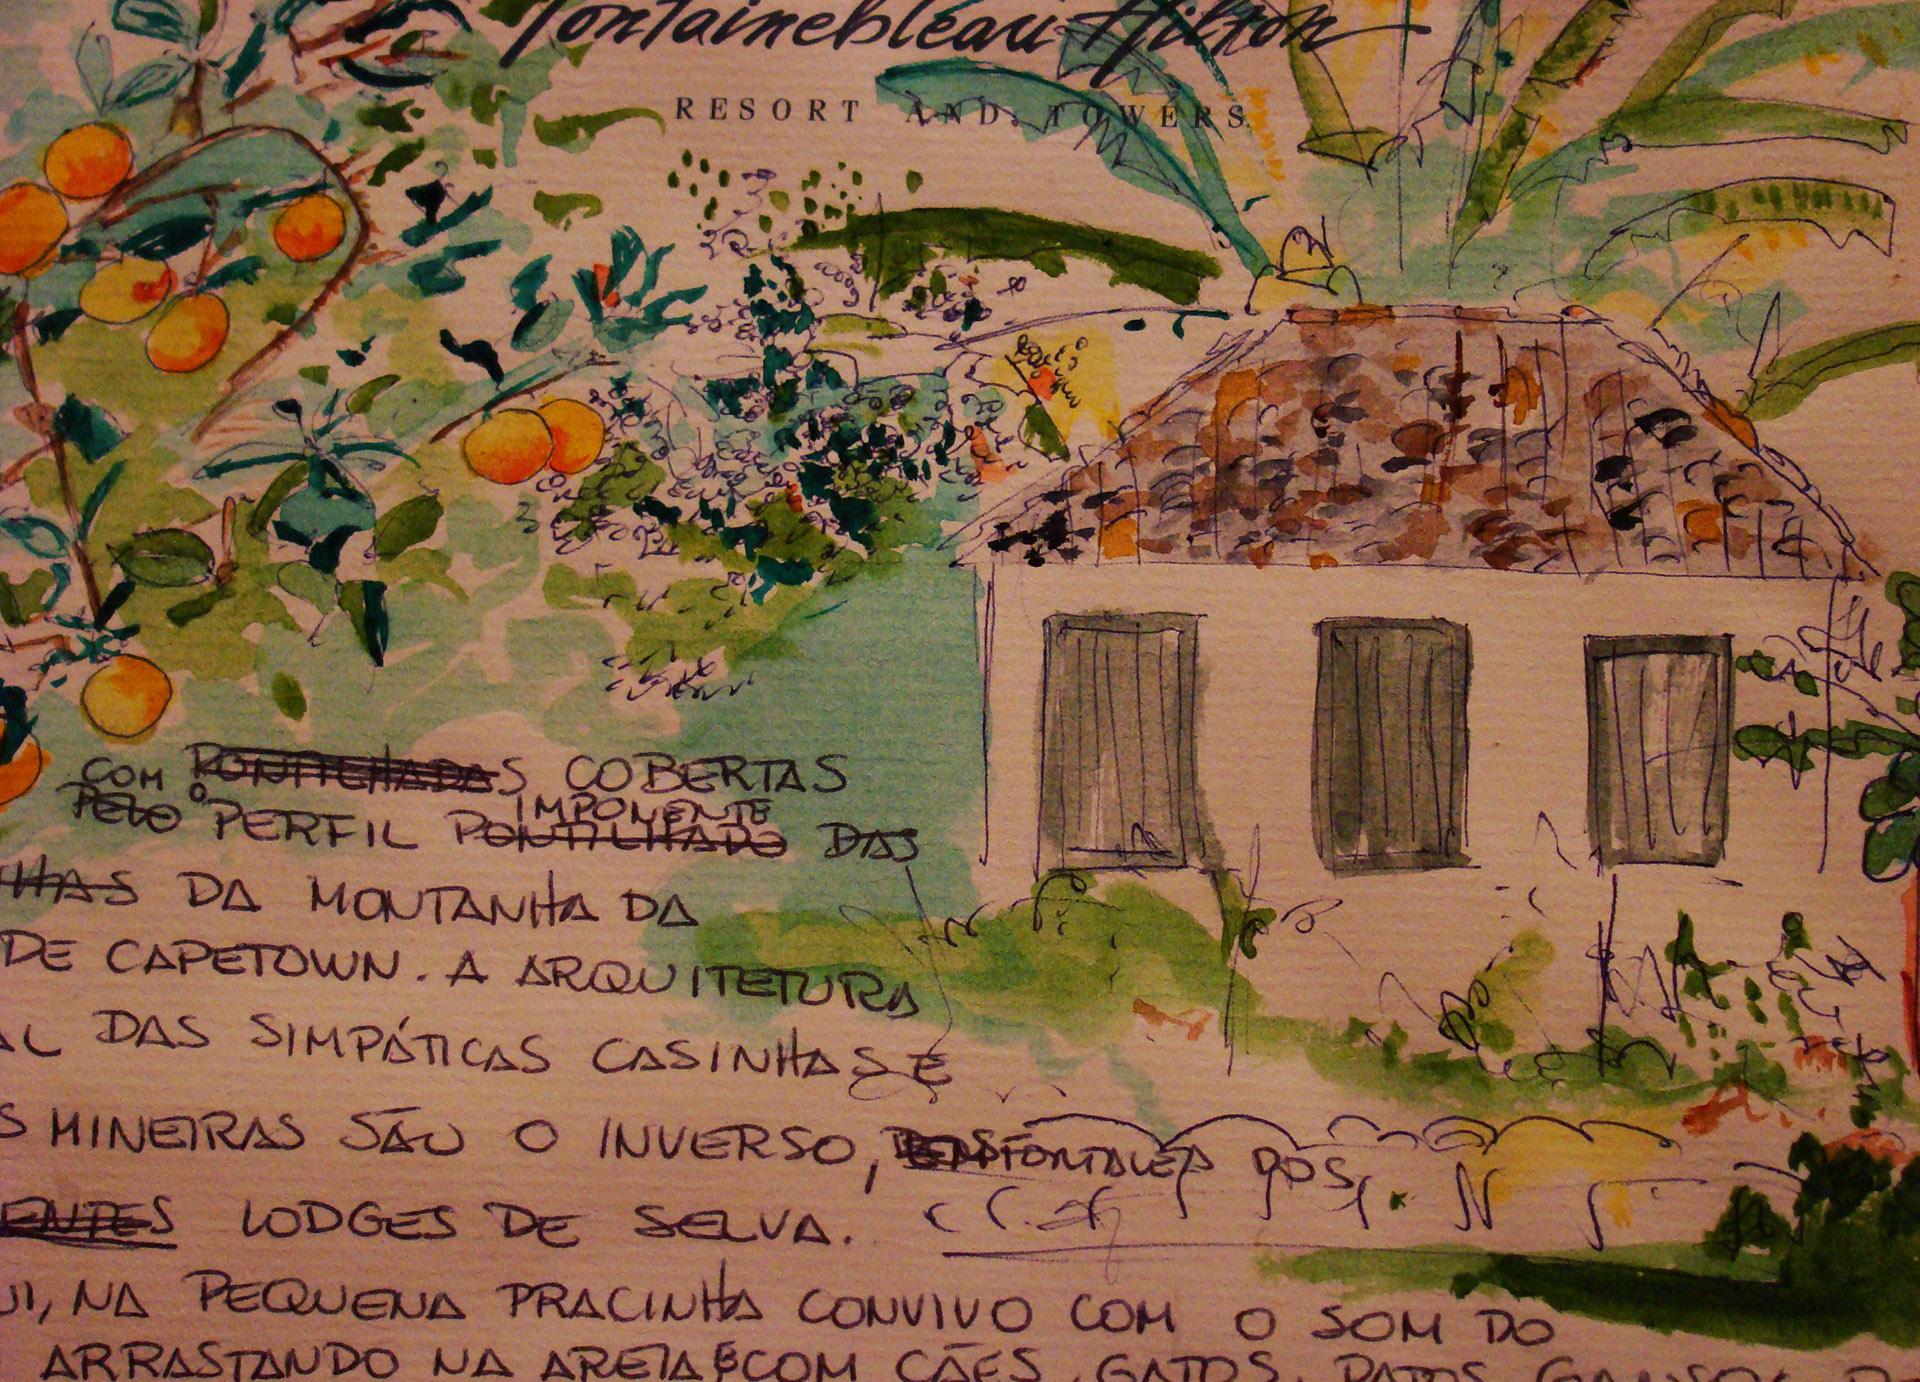 Casa de Fazenda Interior Minas Gerais Claudia Tonaco